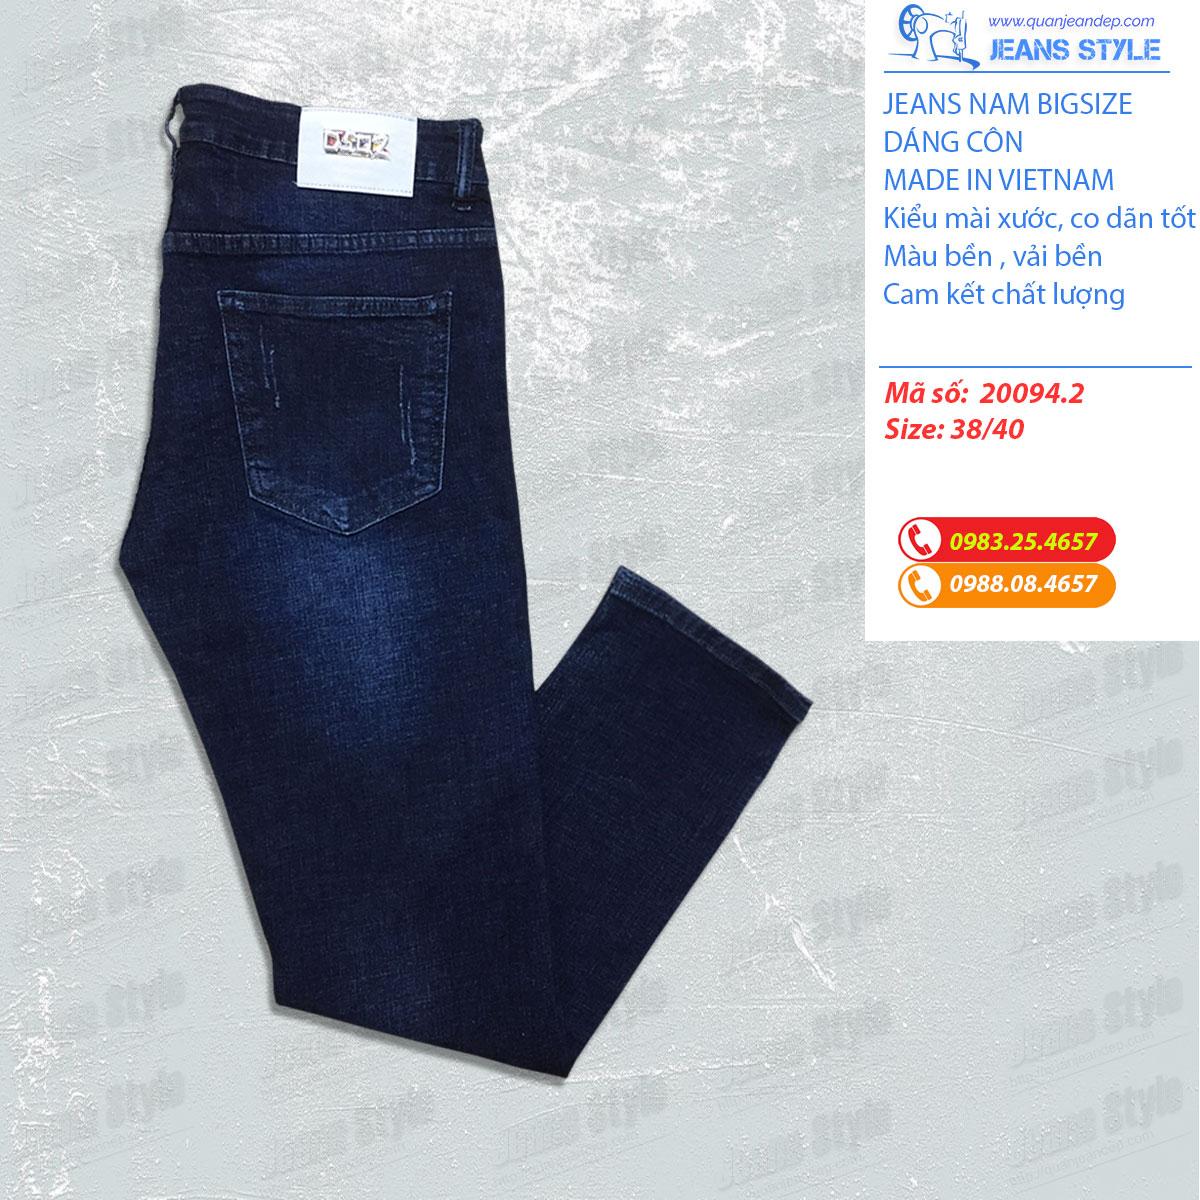 Jeans nam big size dáng ôm, mài xước nhẹ 20094.2 Giá:560.000,00 ₫